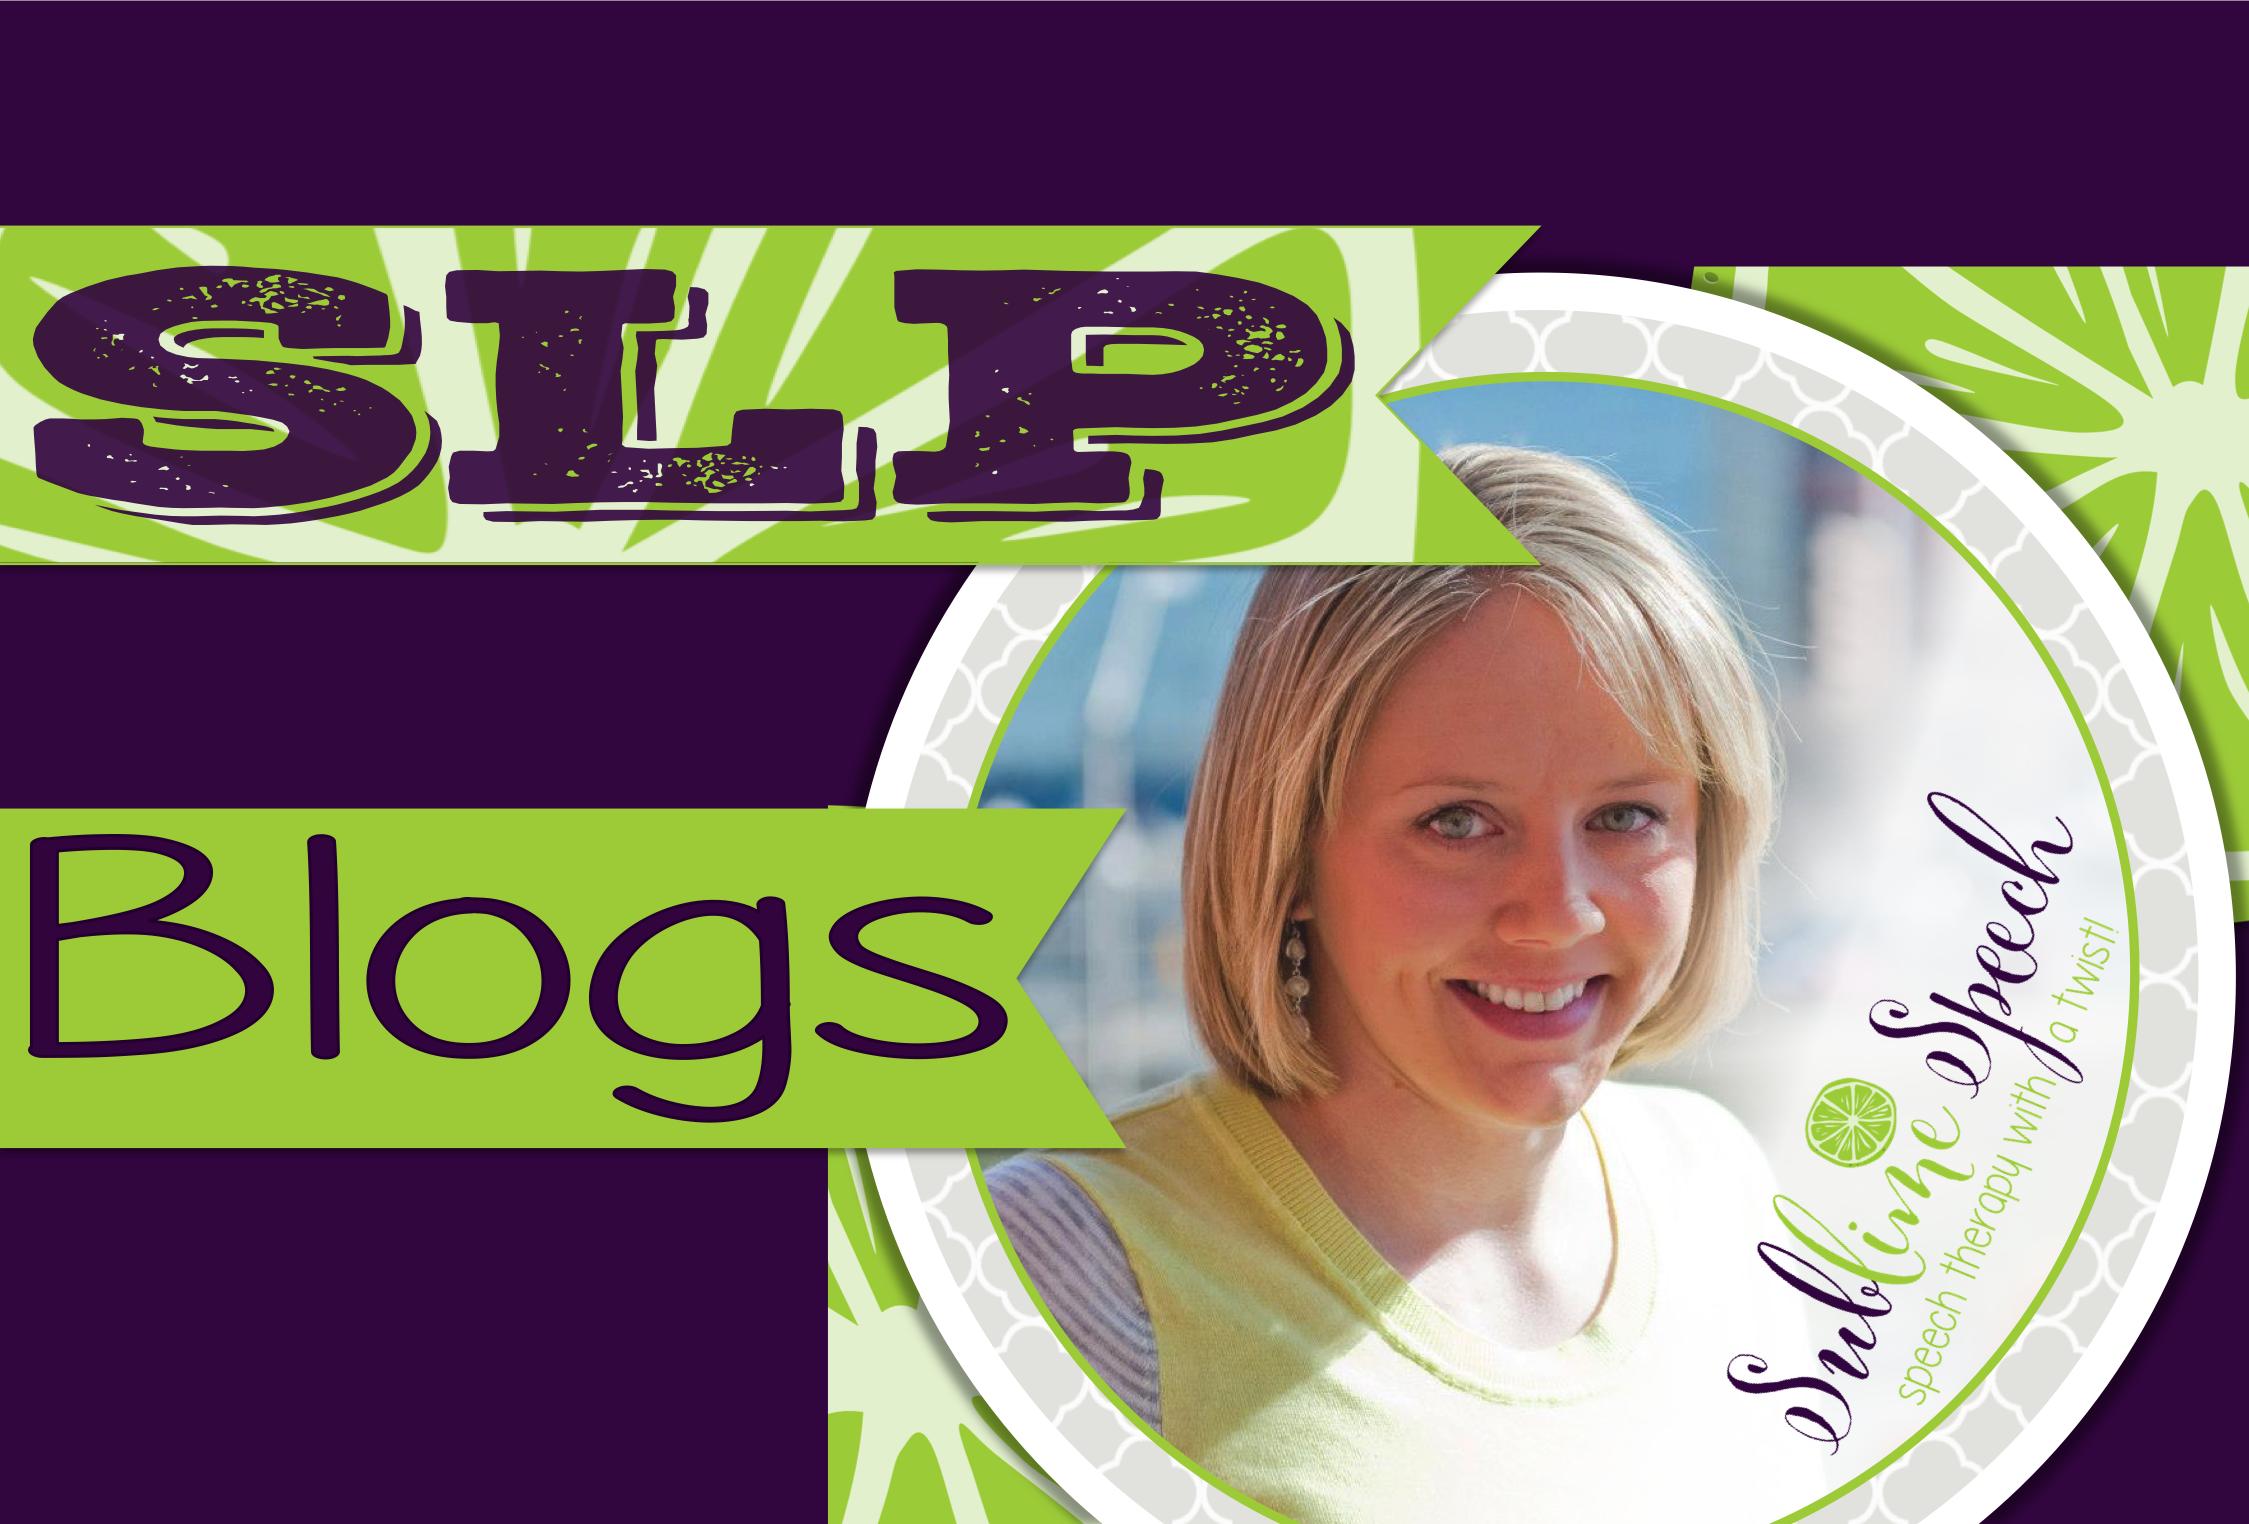 Blogs for SLPs from @SublimeSpeech!